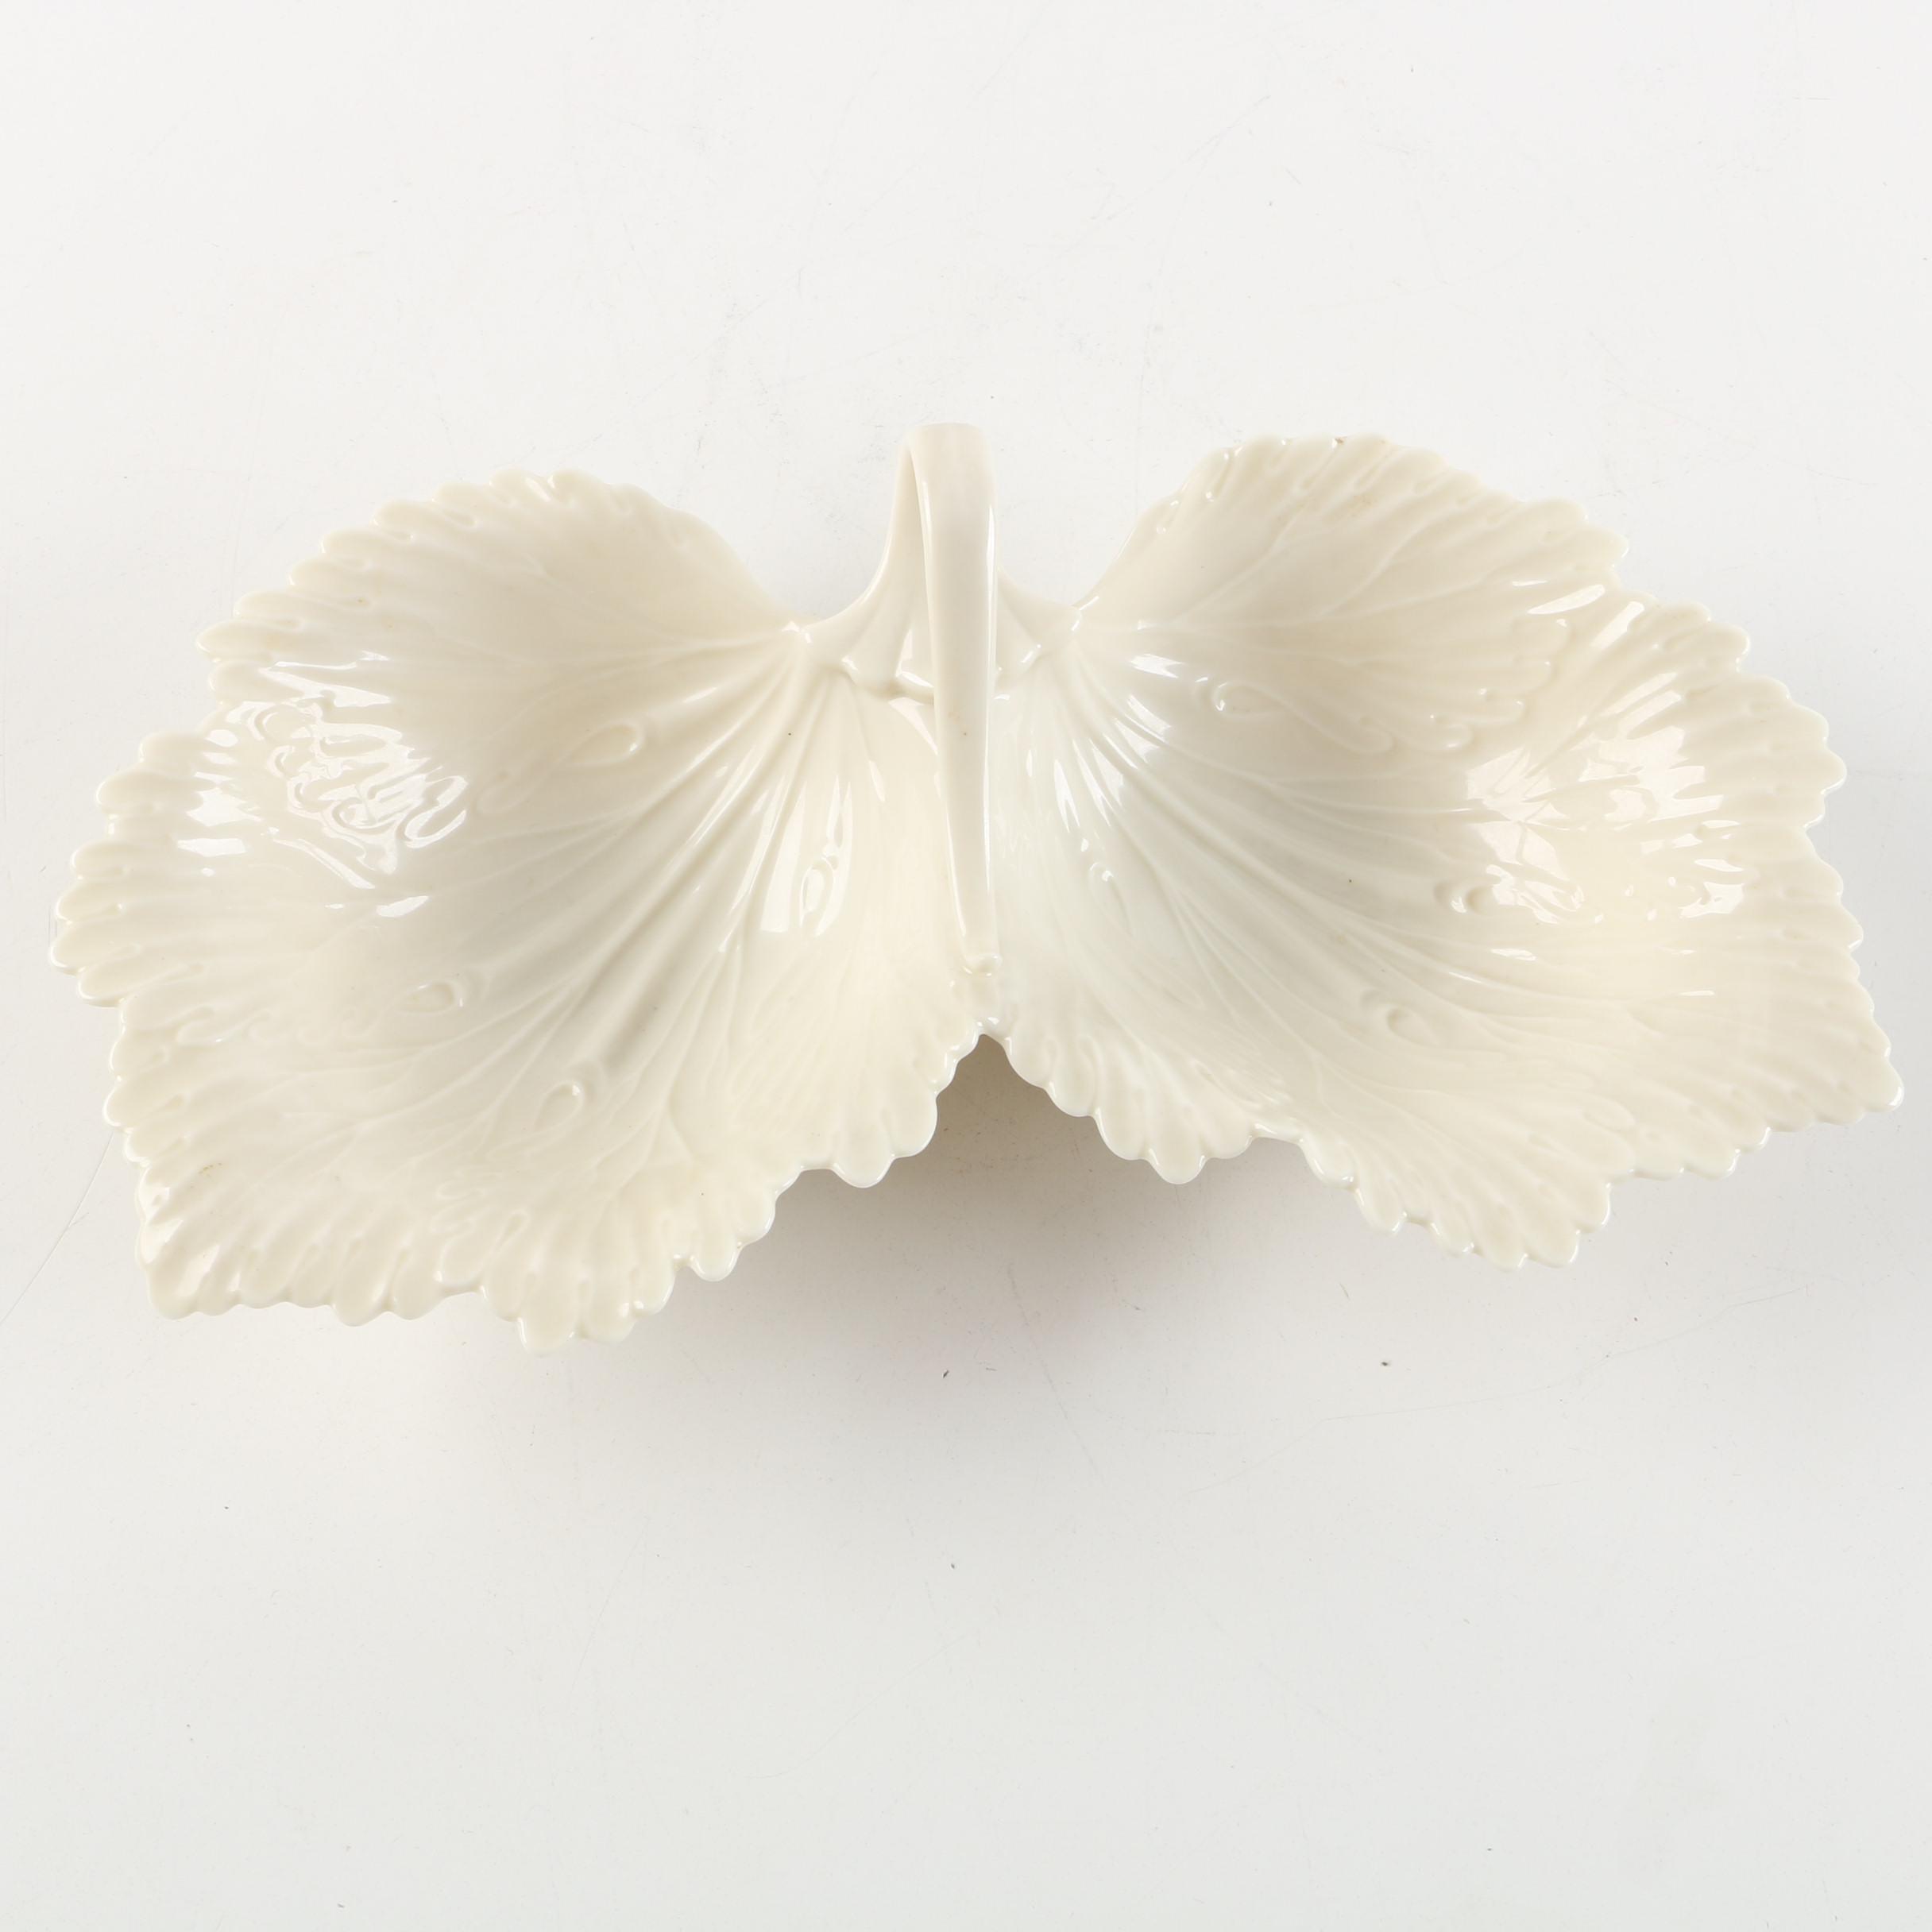 Vintage Lenox Divided Leaf Porcelain Serving Dish